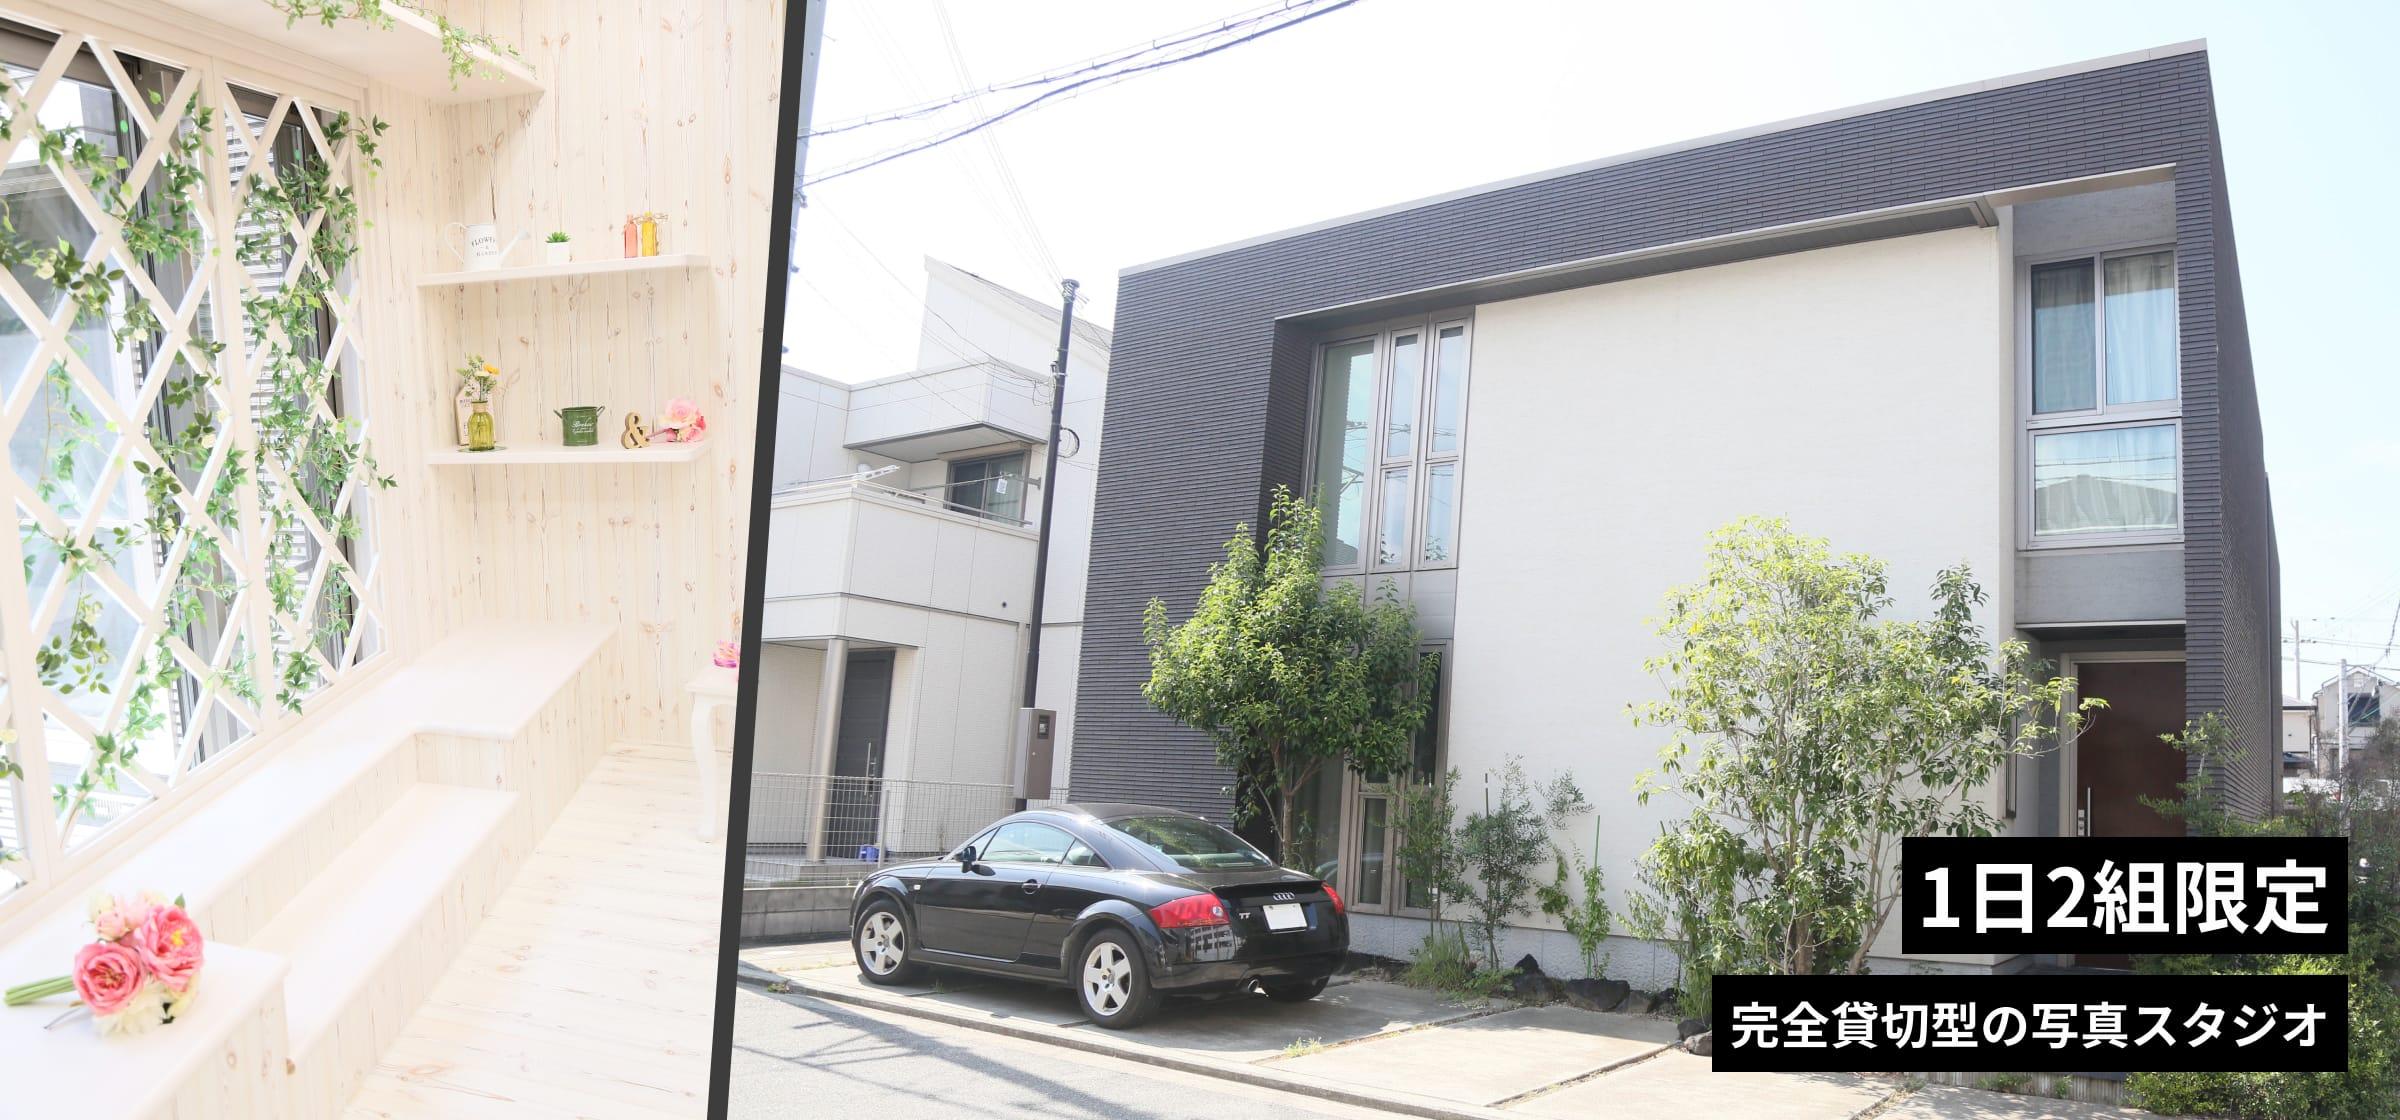 1日2組限定!完全貸切の一軒家型撮影スタジオ